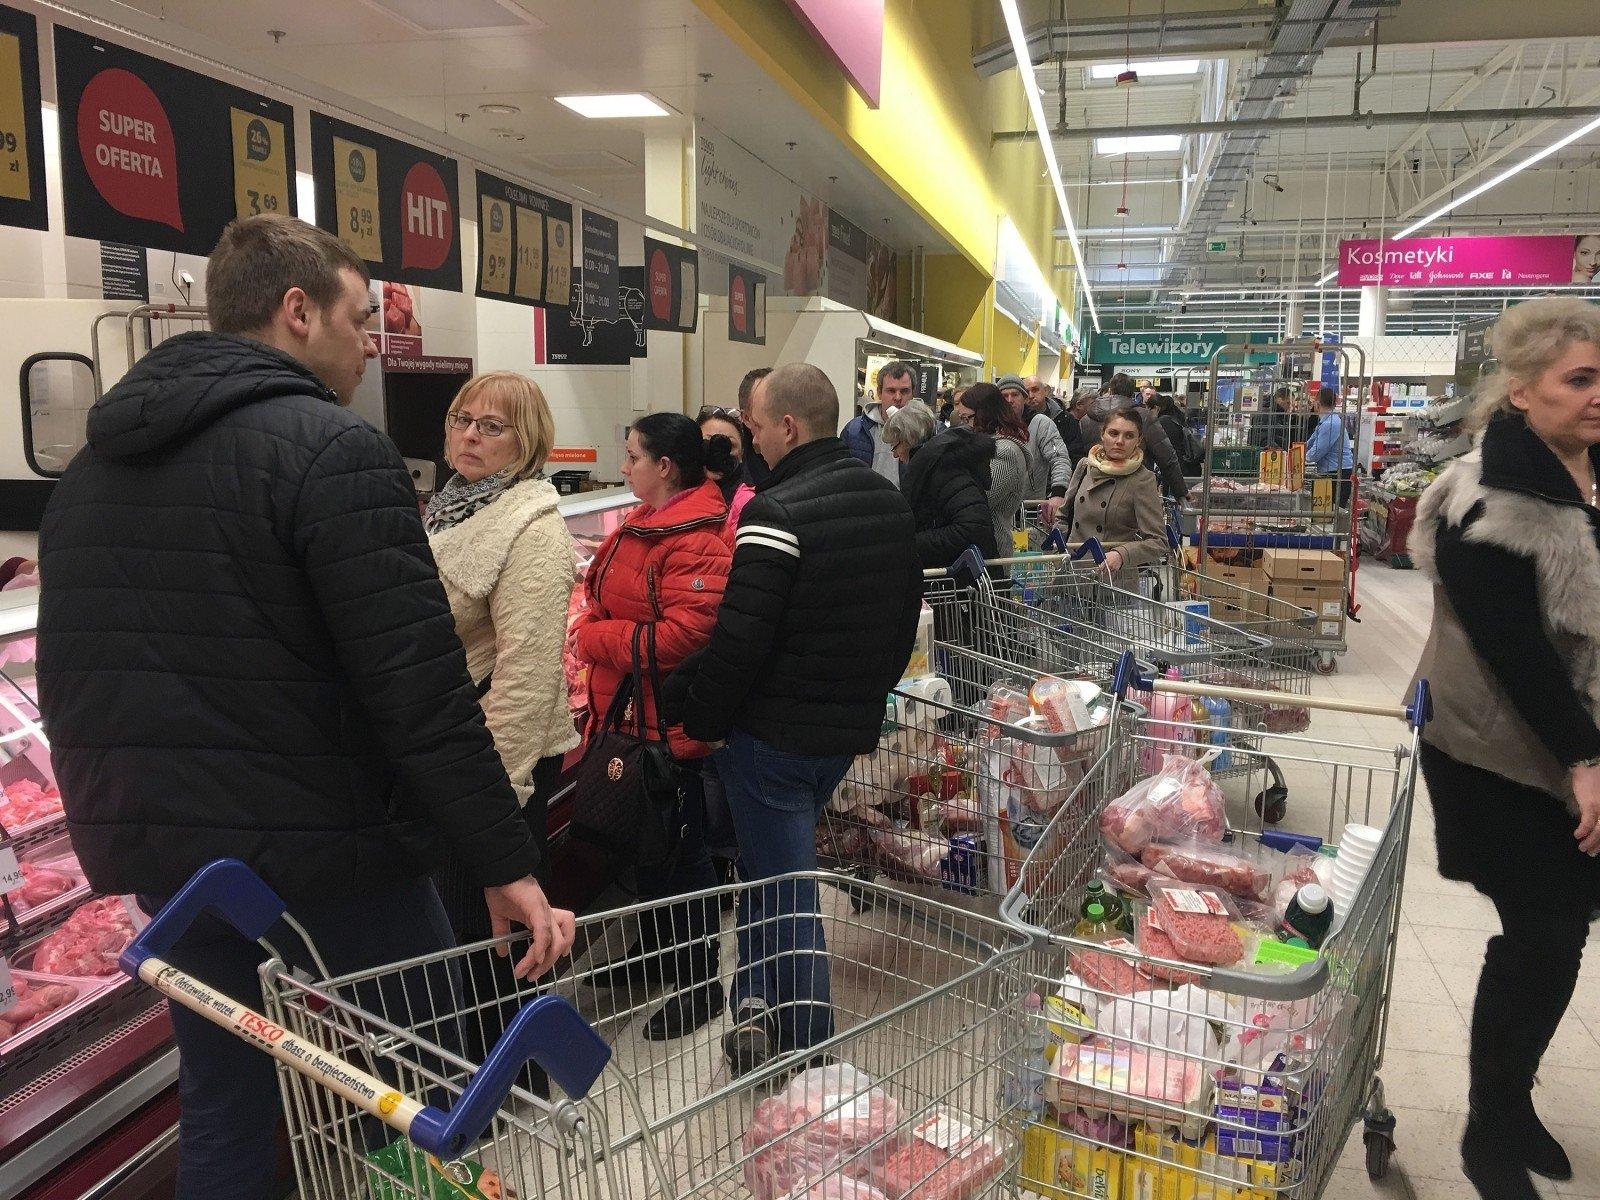 Apsipirkimas lenkijoje 2017